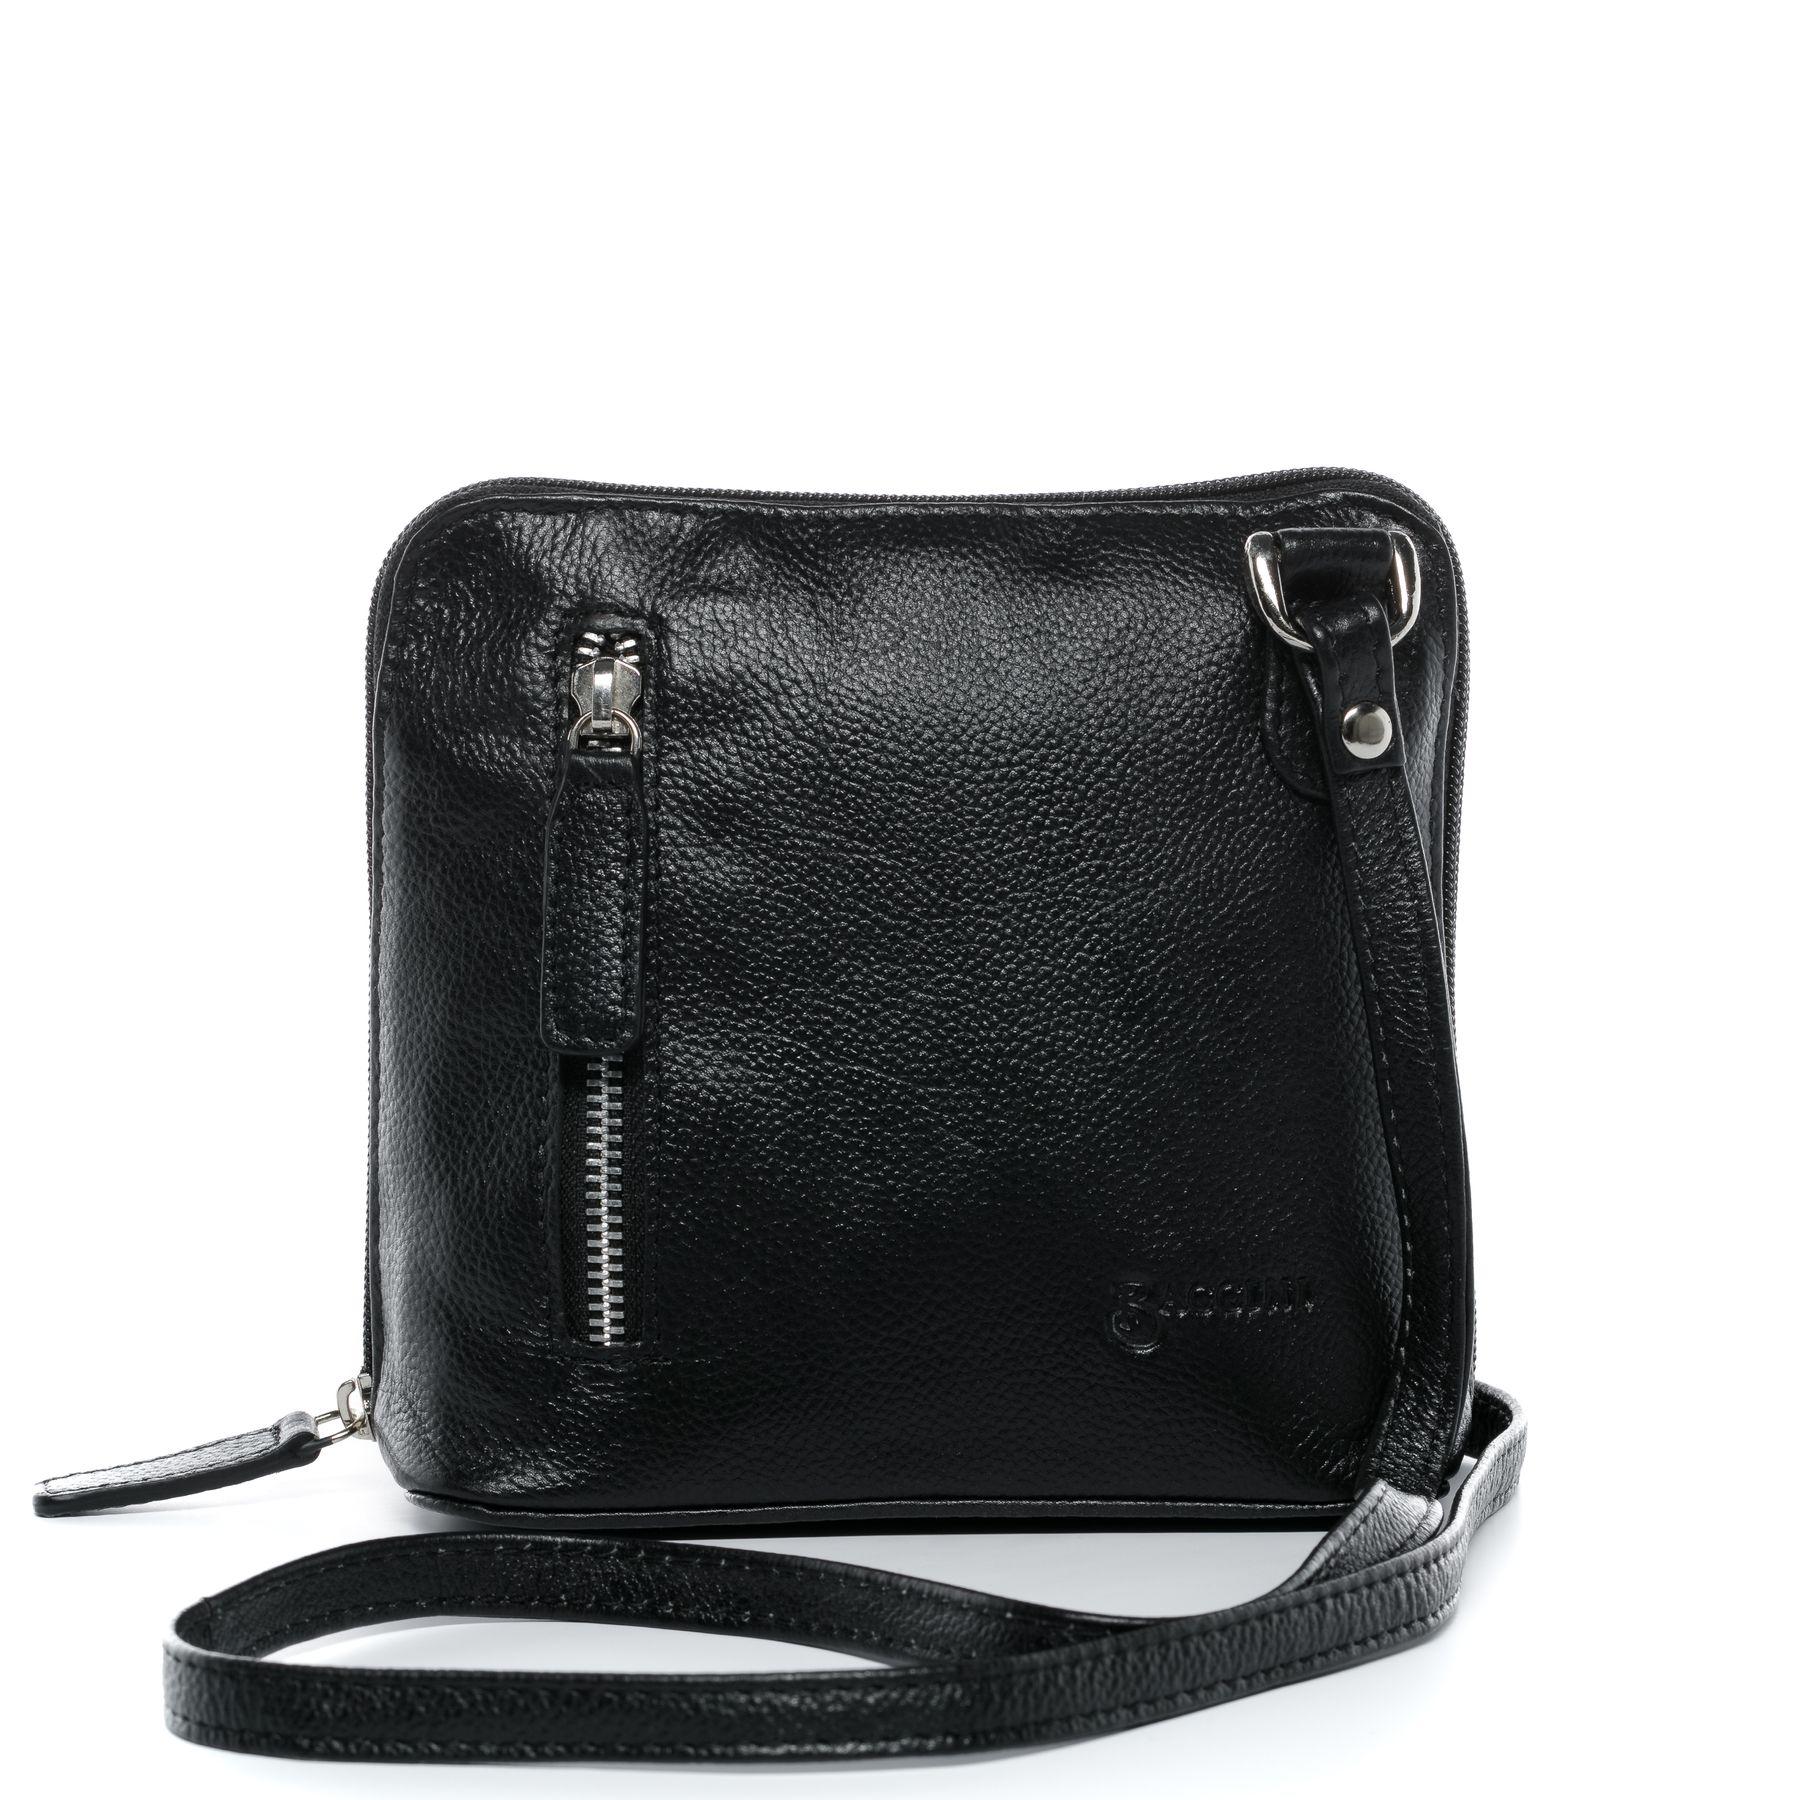 BACCINI Umhängetasche CYNTHIA - Handtasche Schultergurt S Leder schwarz  Schultertasche